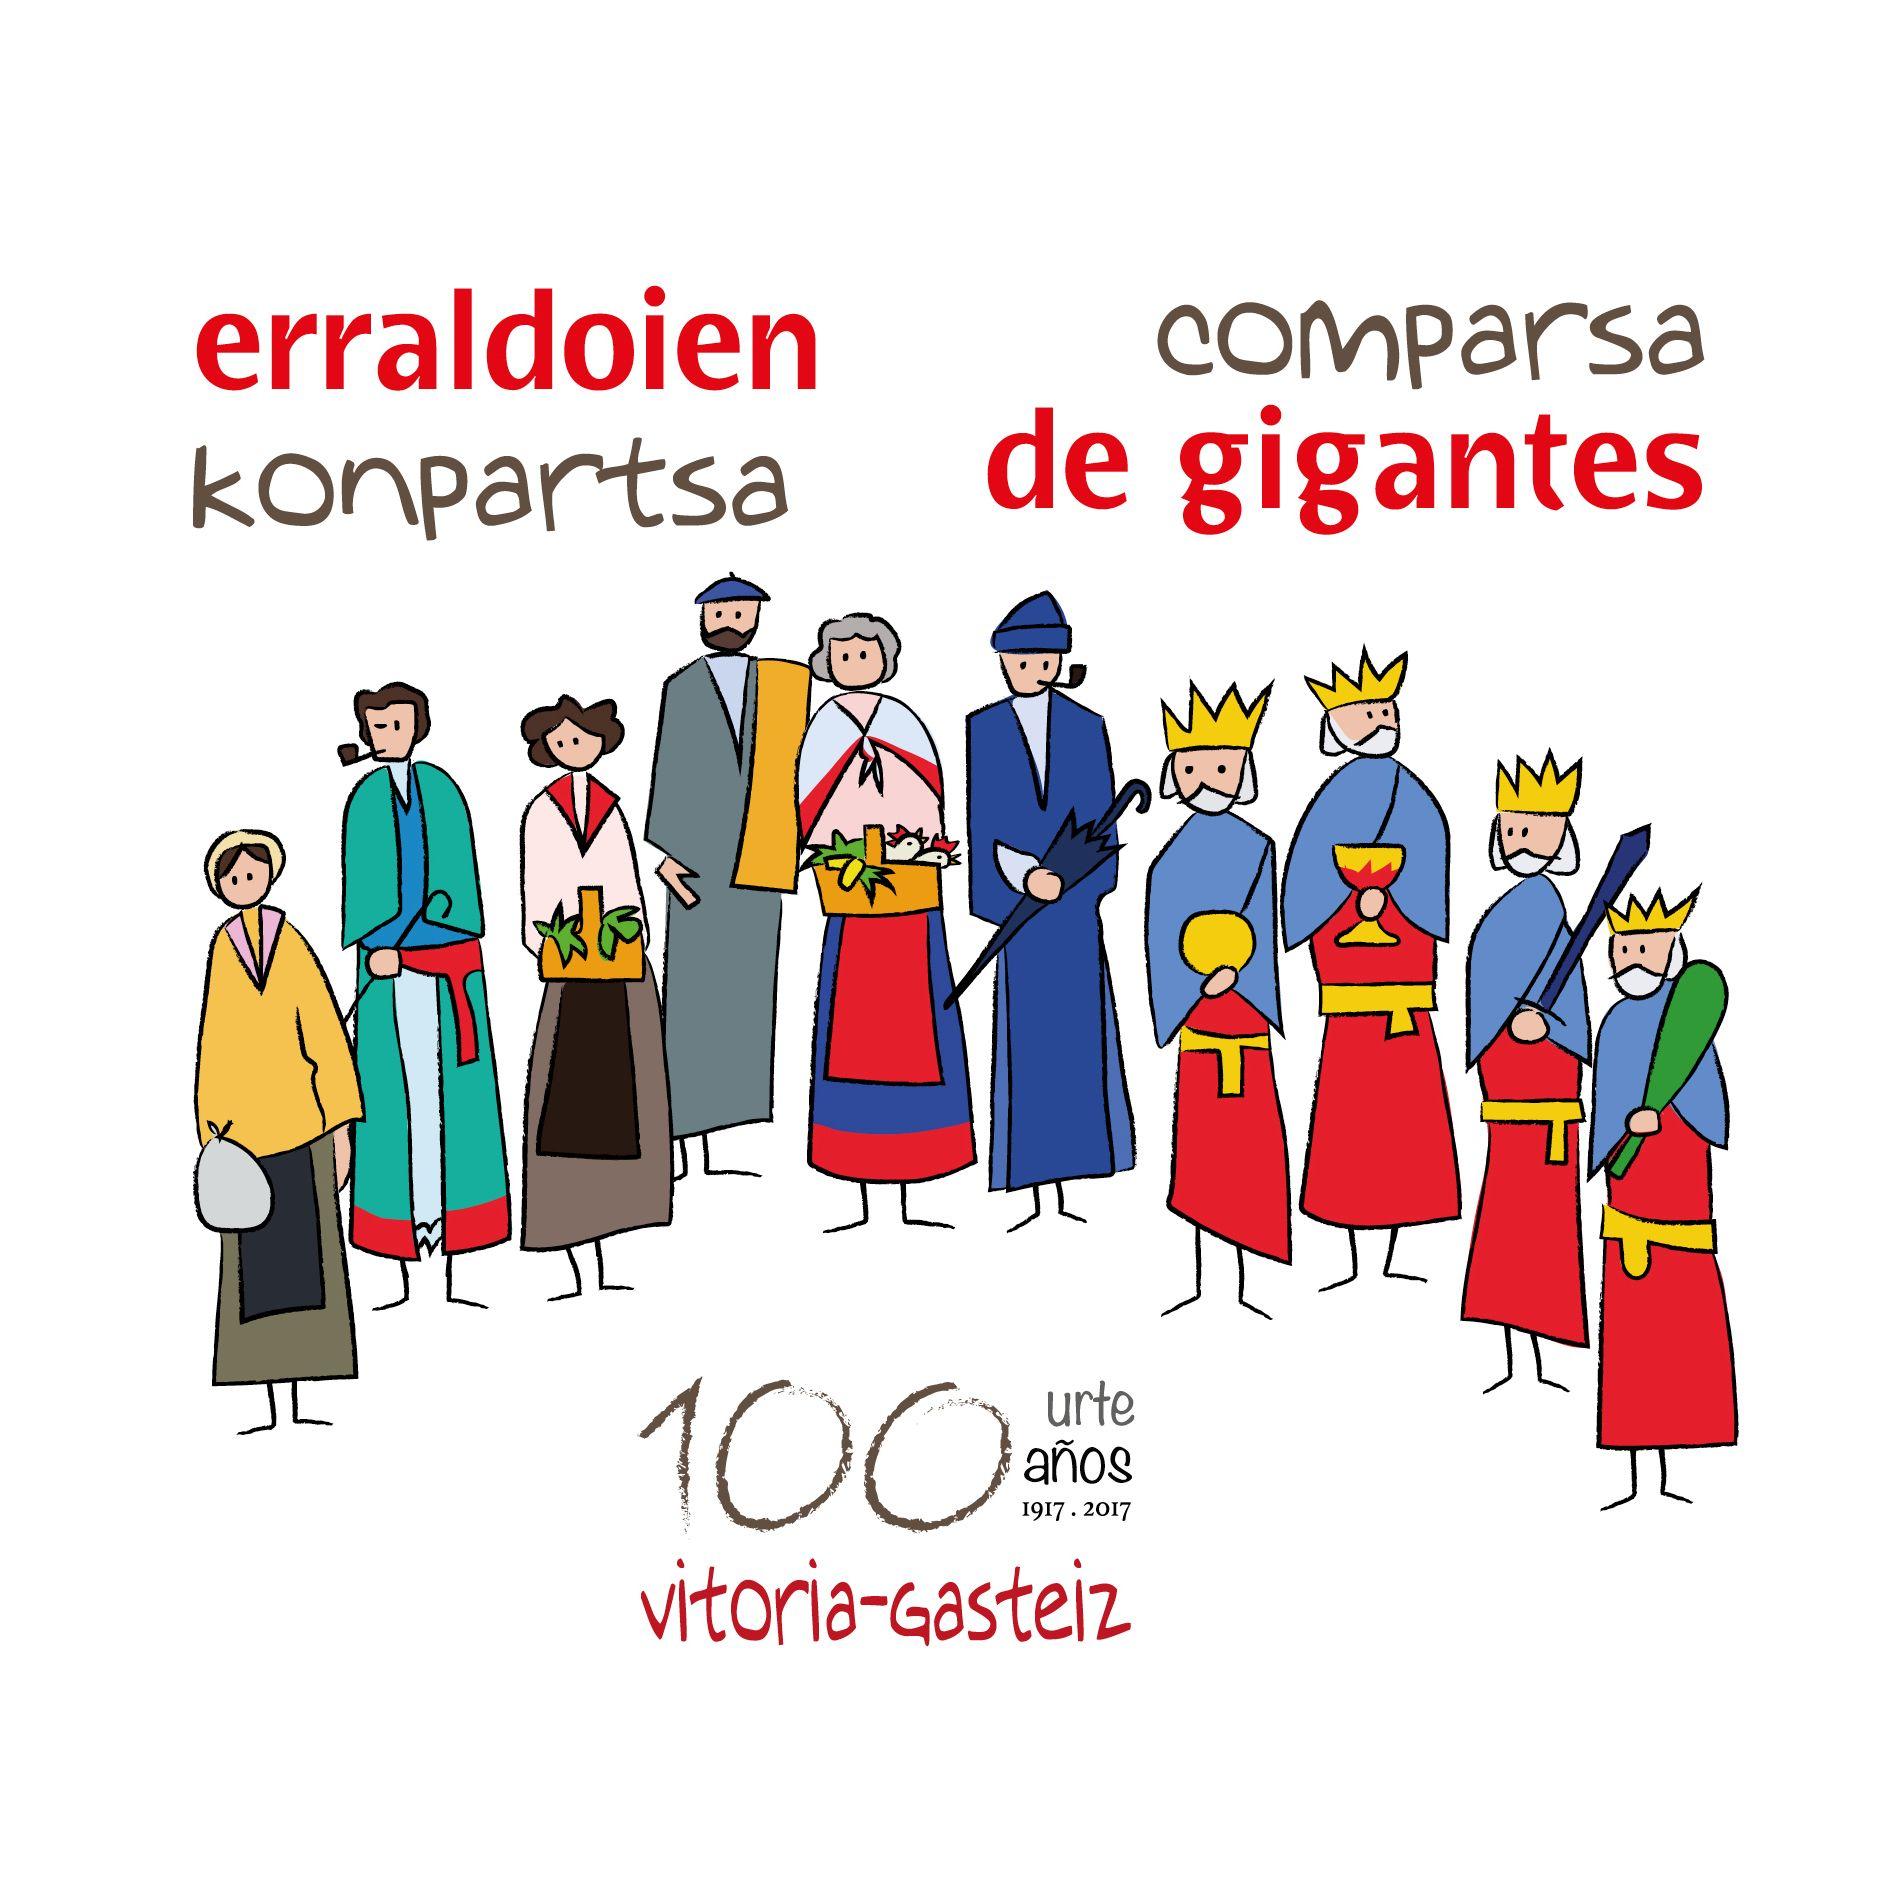 c29882a2e095f Un total de 56 Gigantes y Cabezudos, de toda Euskadi y Navarra, desfilarán  mañana por las calles de Vitoria-Gasteiz en la celebración del Centenario  de la ...